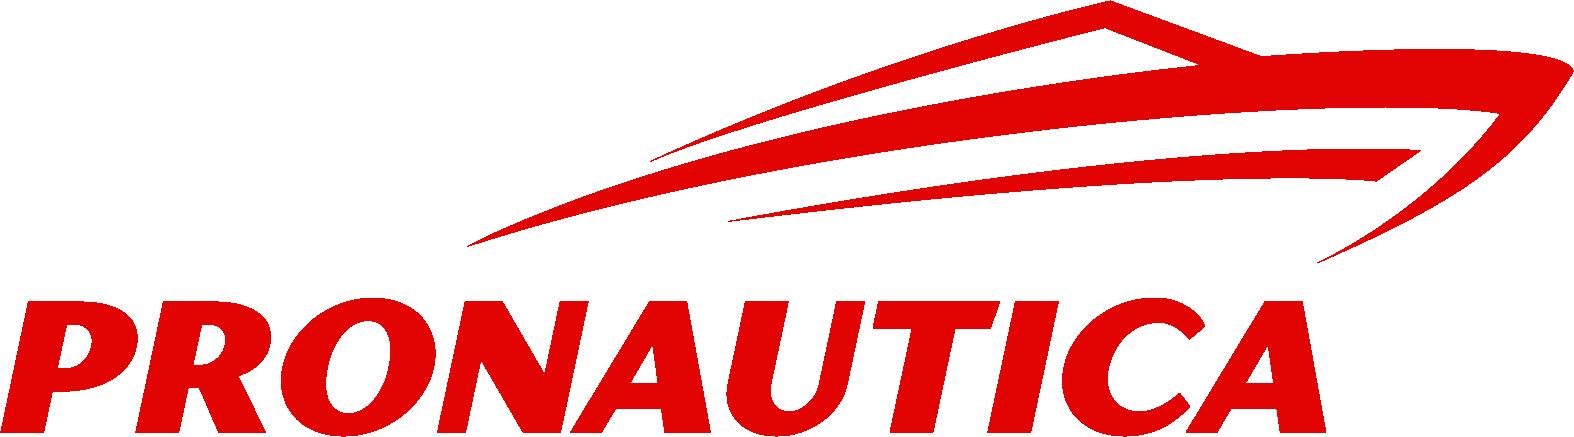 Magazin ProNautica